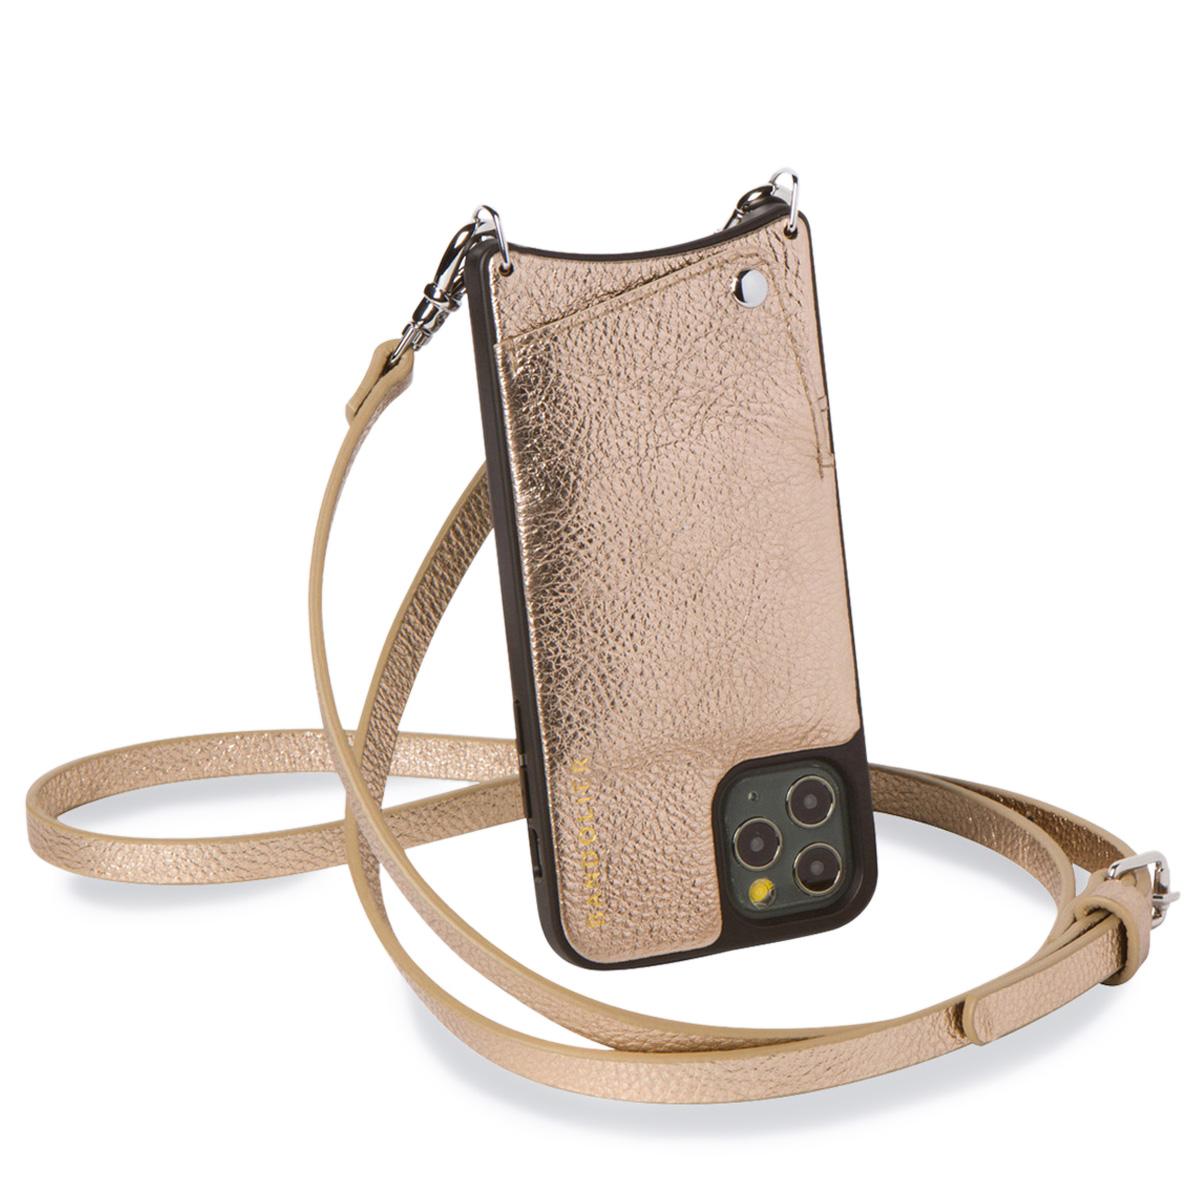 BANDOLIER EMMA CHAMPAGNE GOLD バンドリヤー iPhone XR ケース スマホ 携帯 ショルダー アイフォン エマ メンズ レディース レザー ゴールド 10EMM